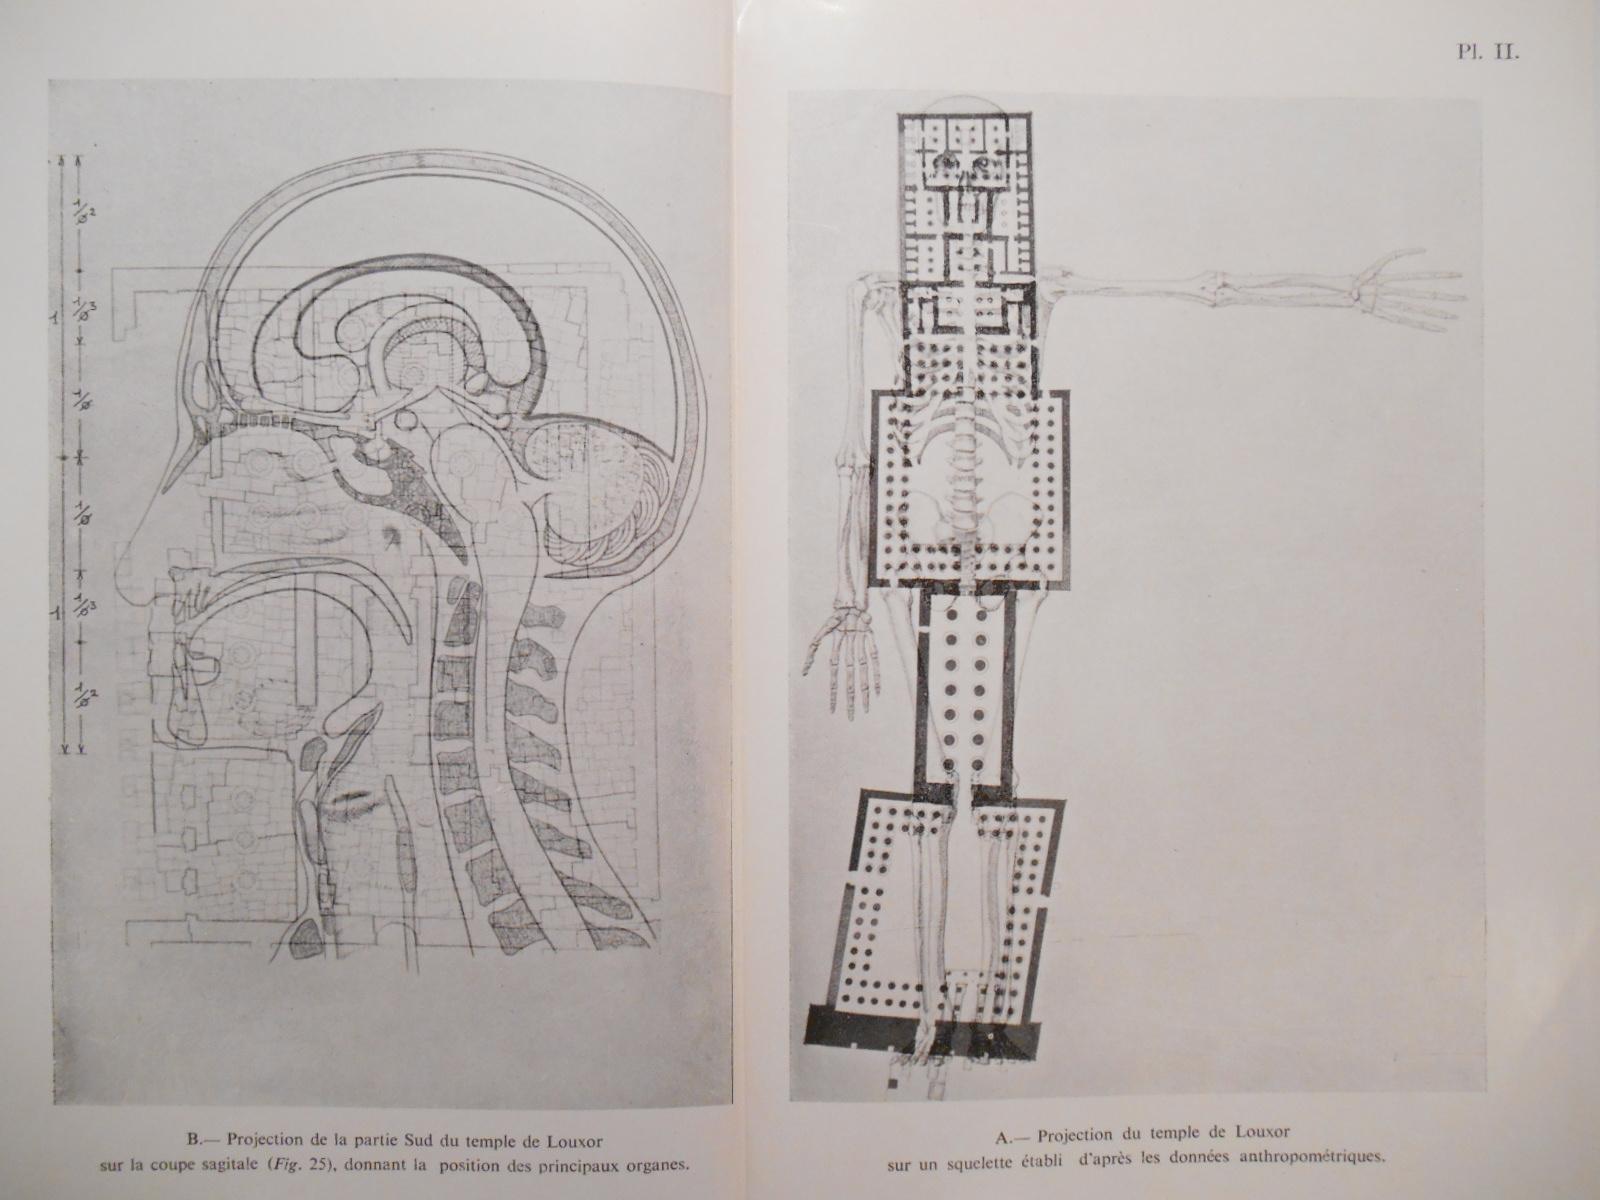 Фрагмент знаменитого эзотерического исследования Рене Шваллера де Любича «Храм в человеке» о «секретах» египетской архите